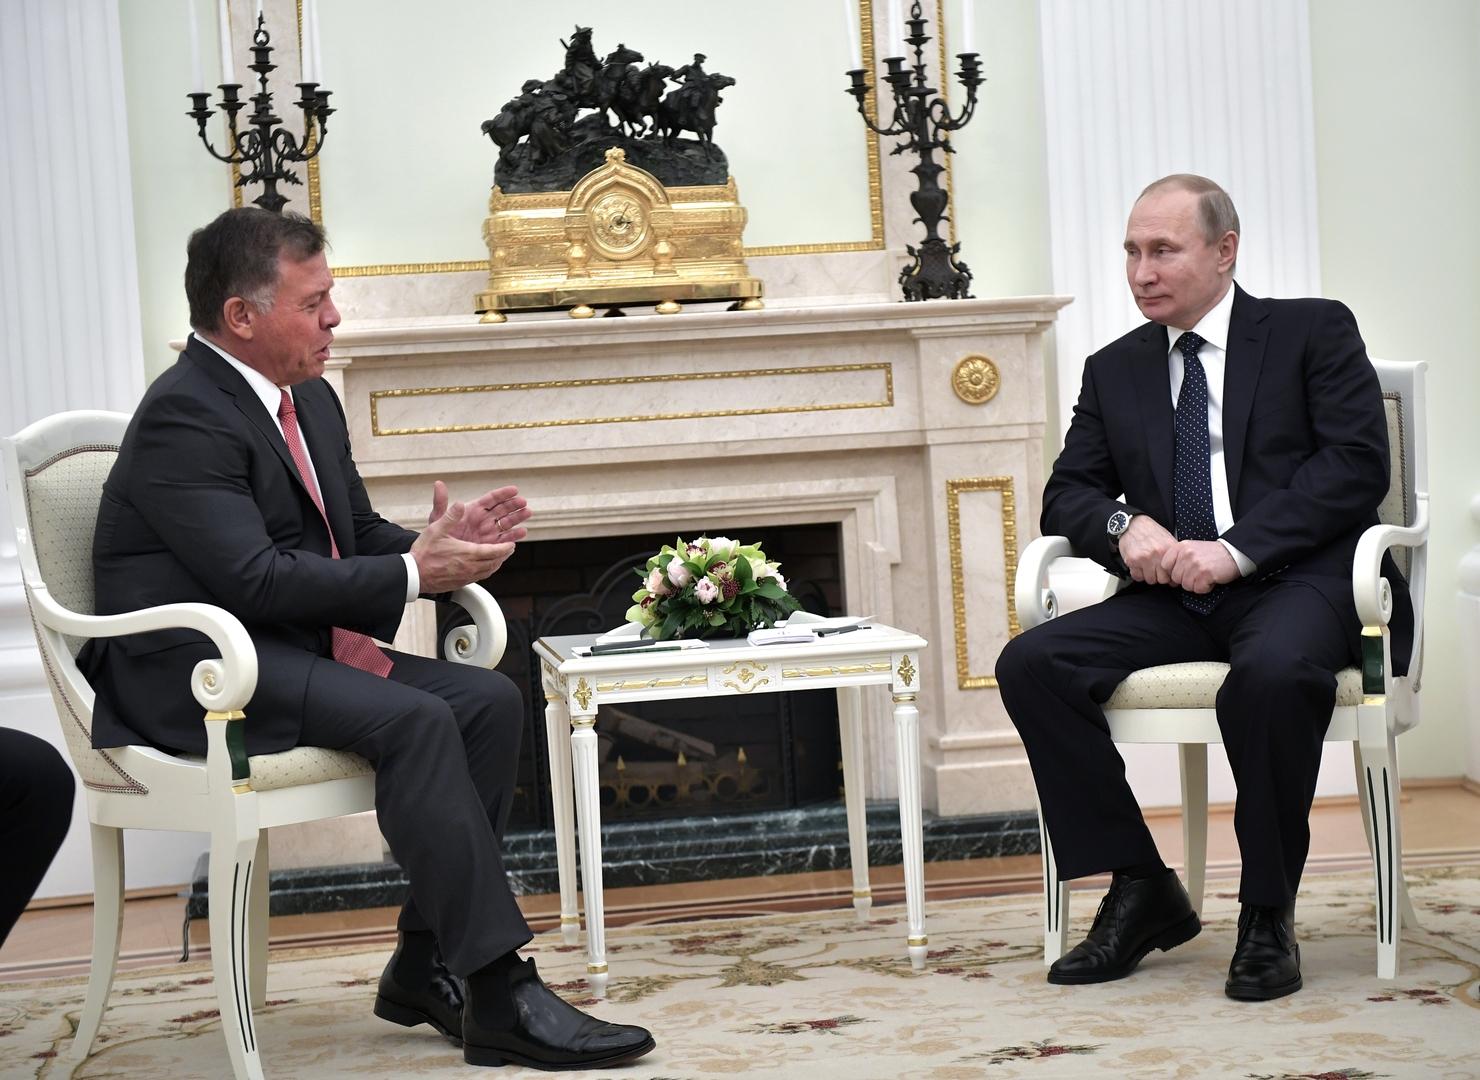 الرئيس الروسي، فلاديمير بوتين، والعاهل الأردني، الملك عبد الله الثاني.